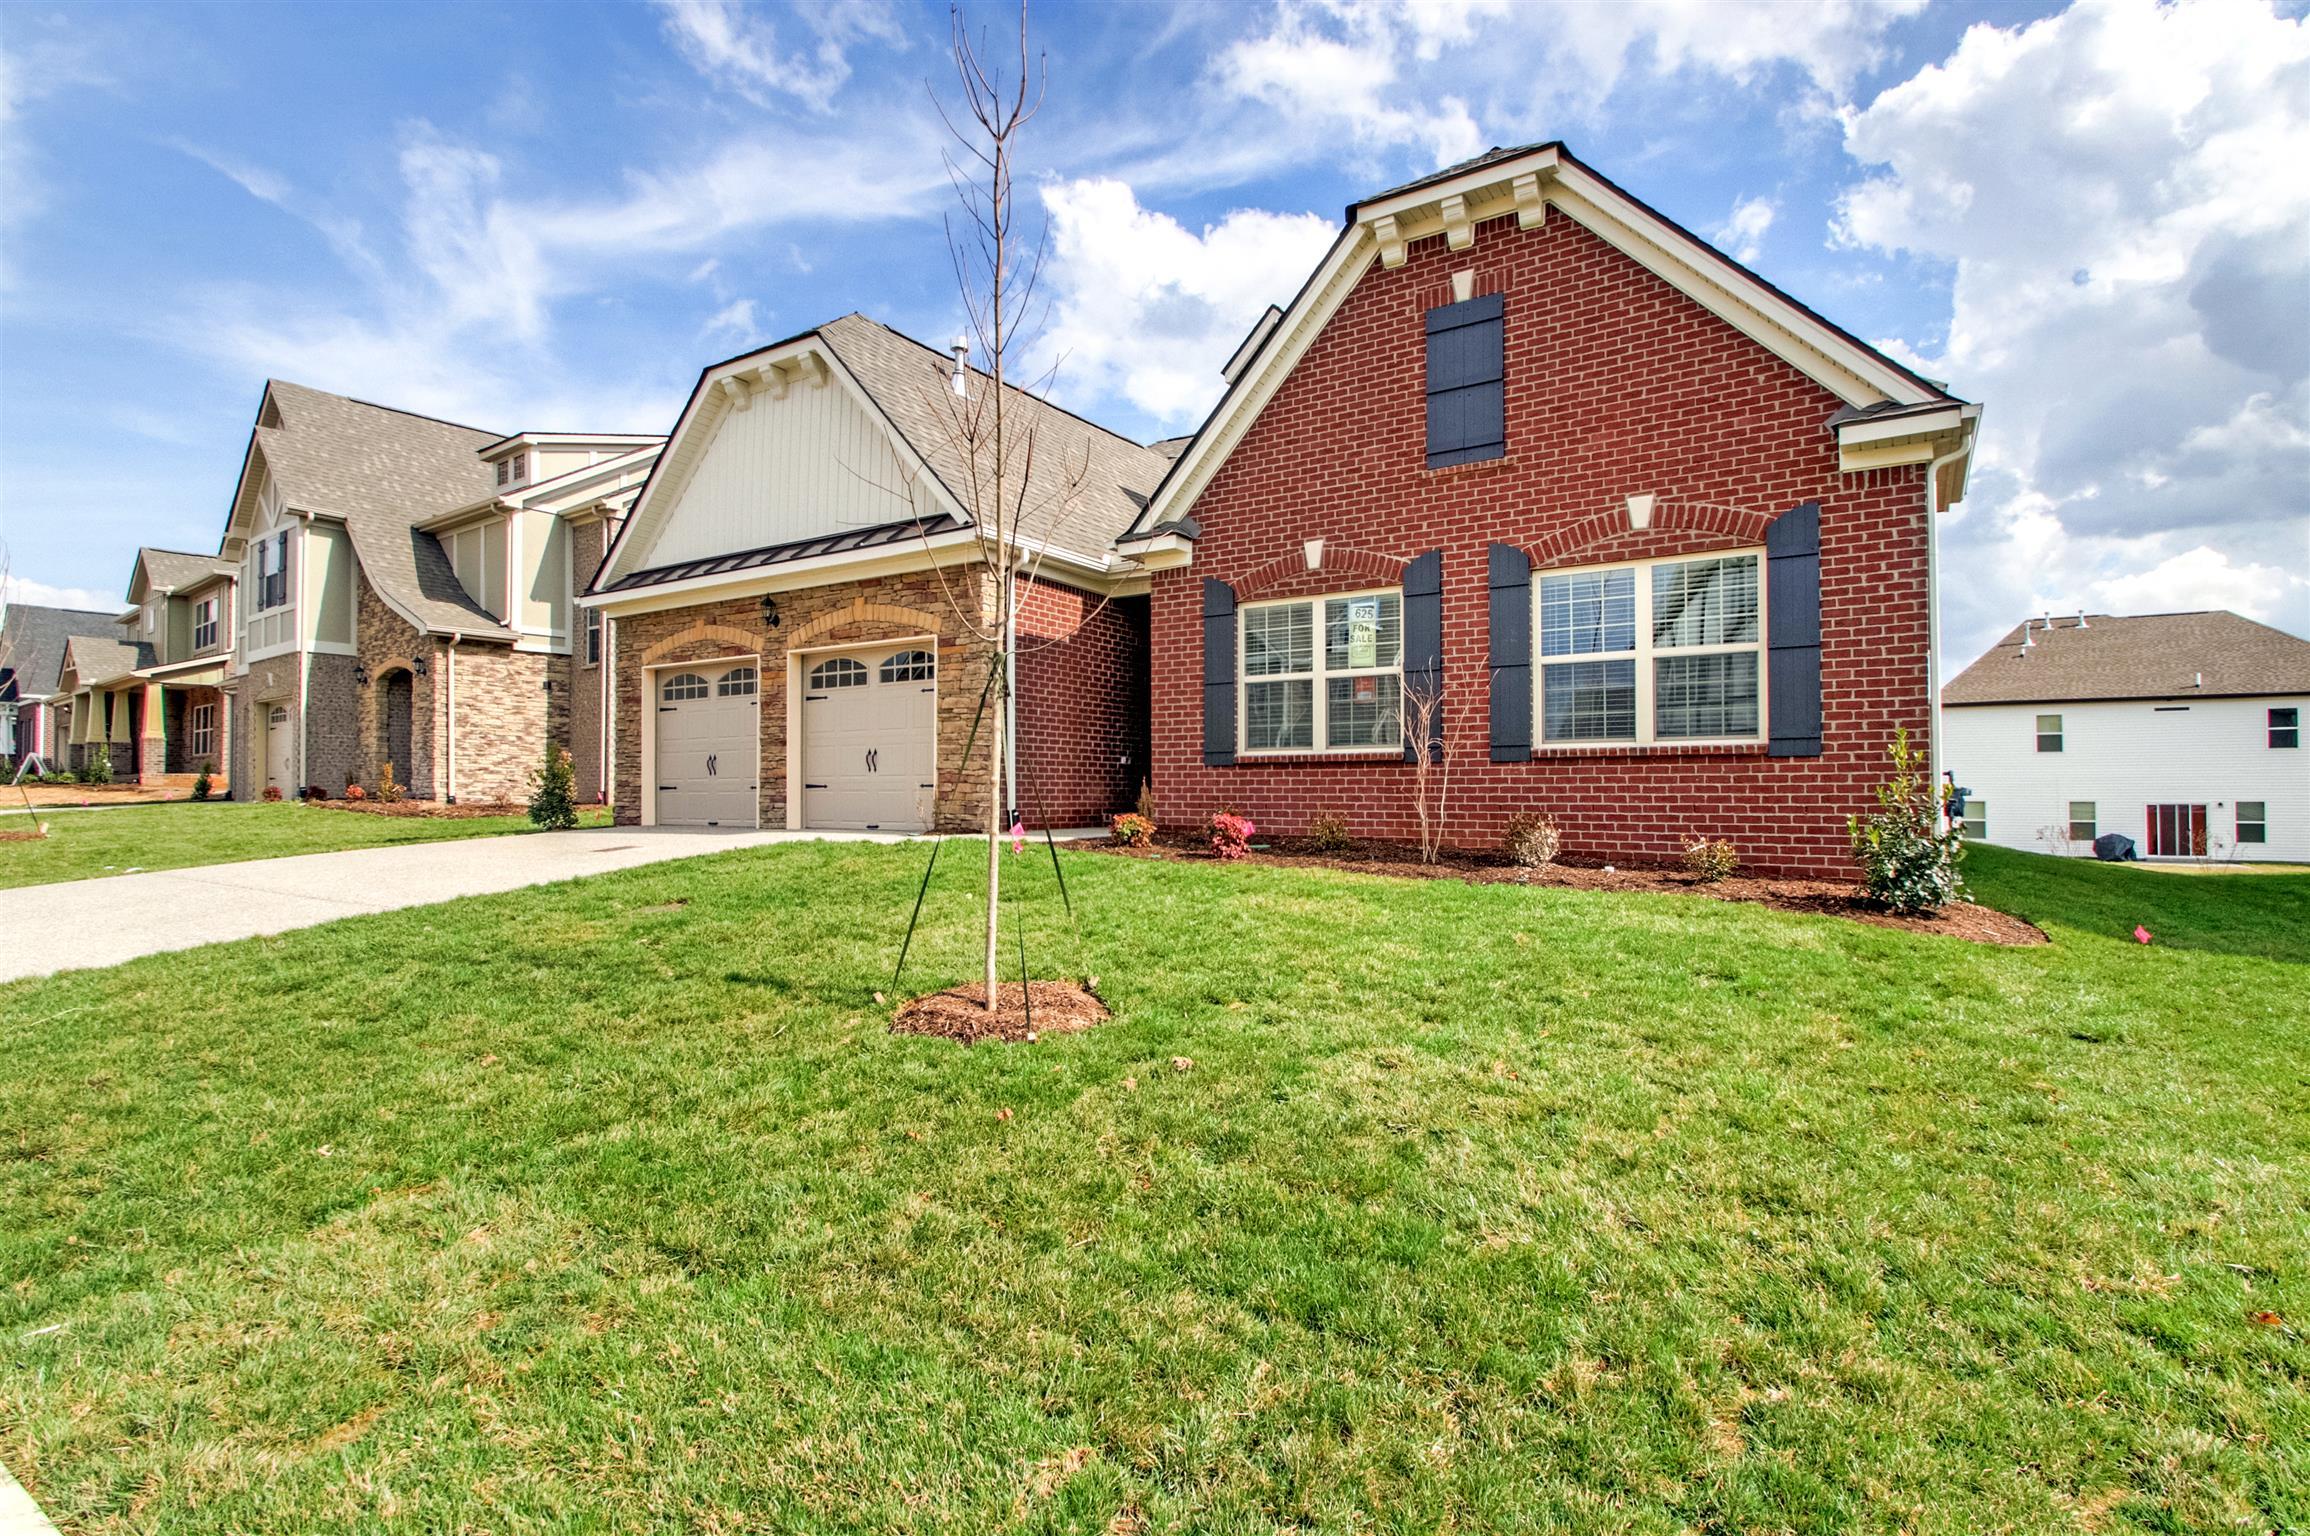 1013 Kirkwood Lane #CF45, Gallatin, TN 37066 - Gallatin, TN real estate listing